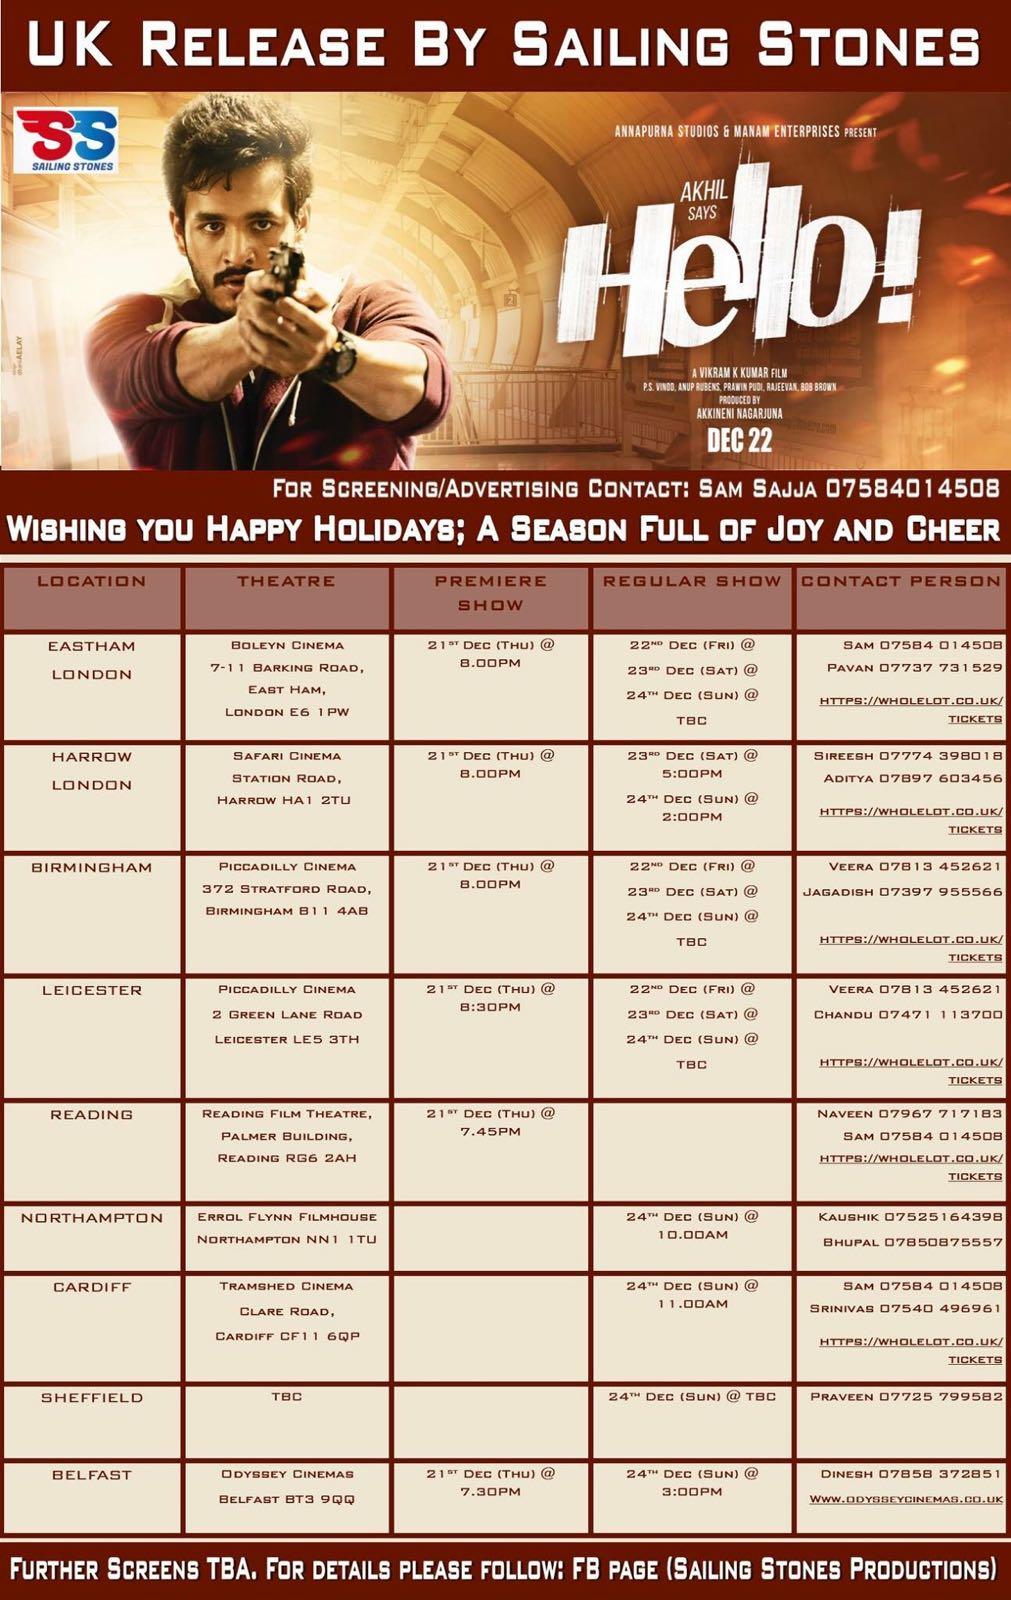 Telugu Movie Hello In Uk Schedule By Sailing Stones Ap2uk